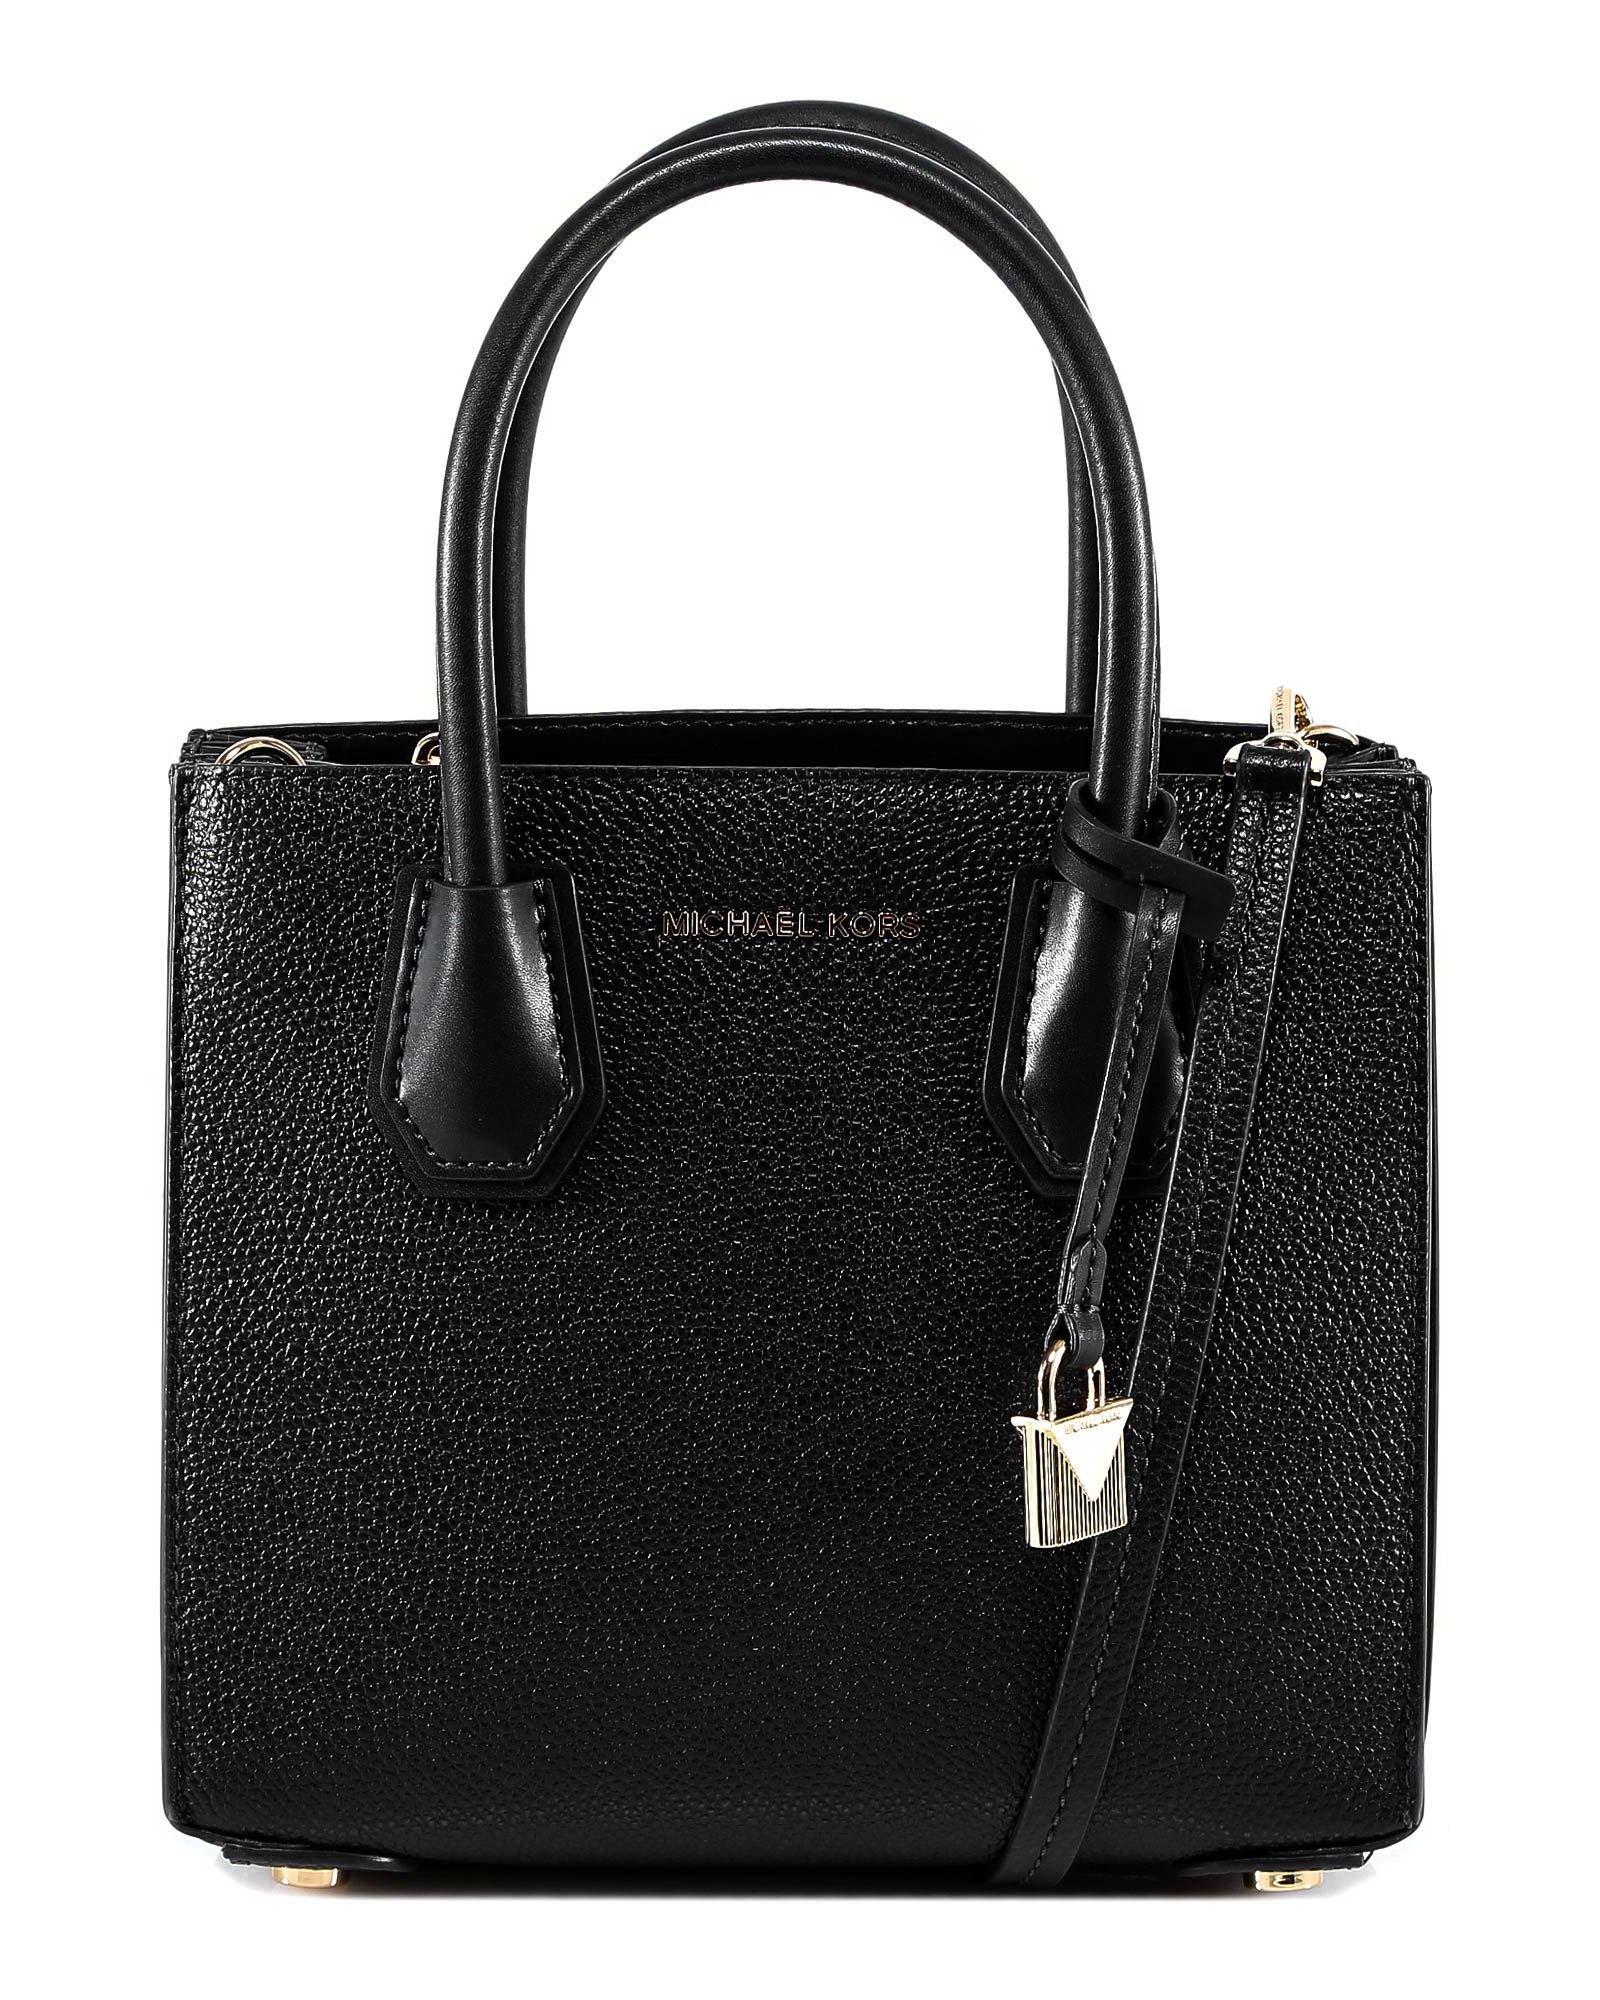 Michael Kors Mercer Handbag